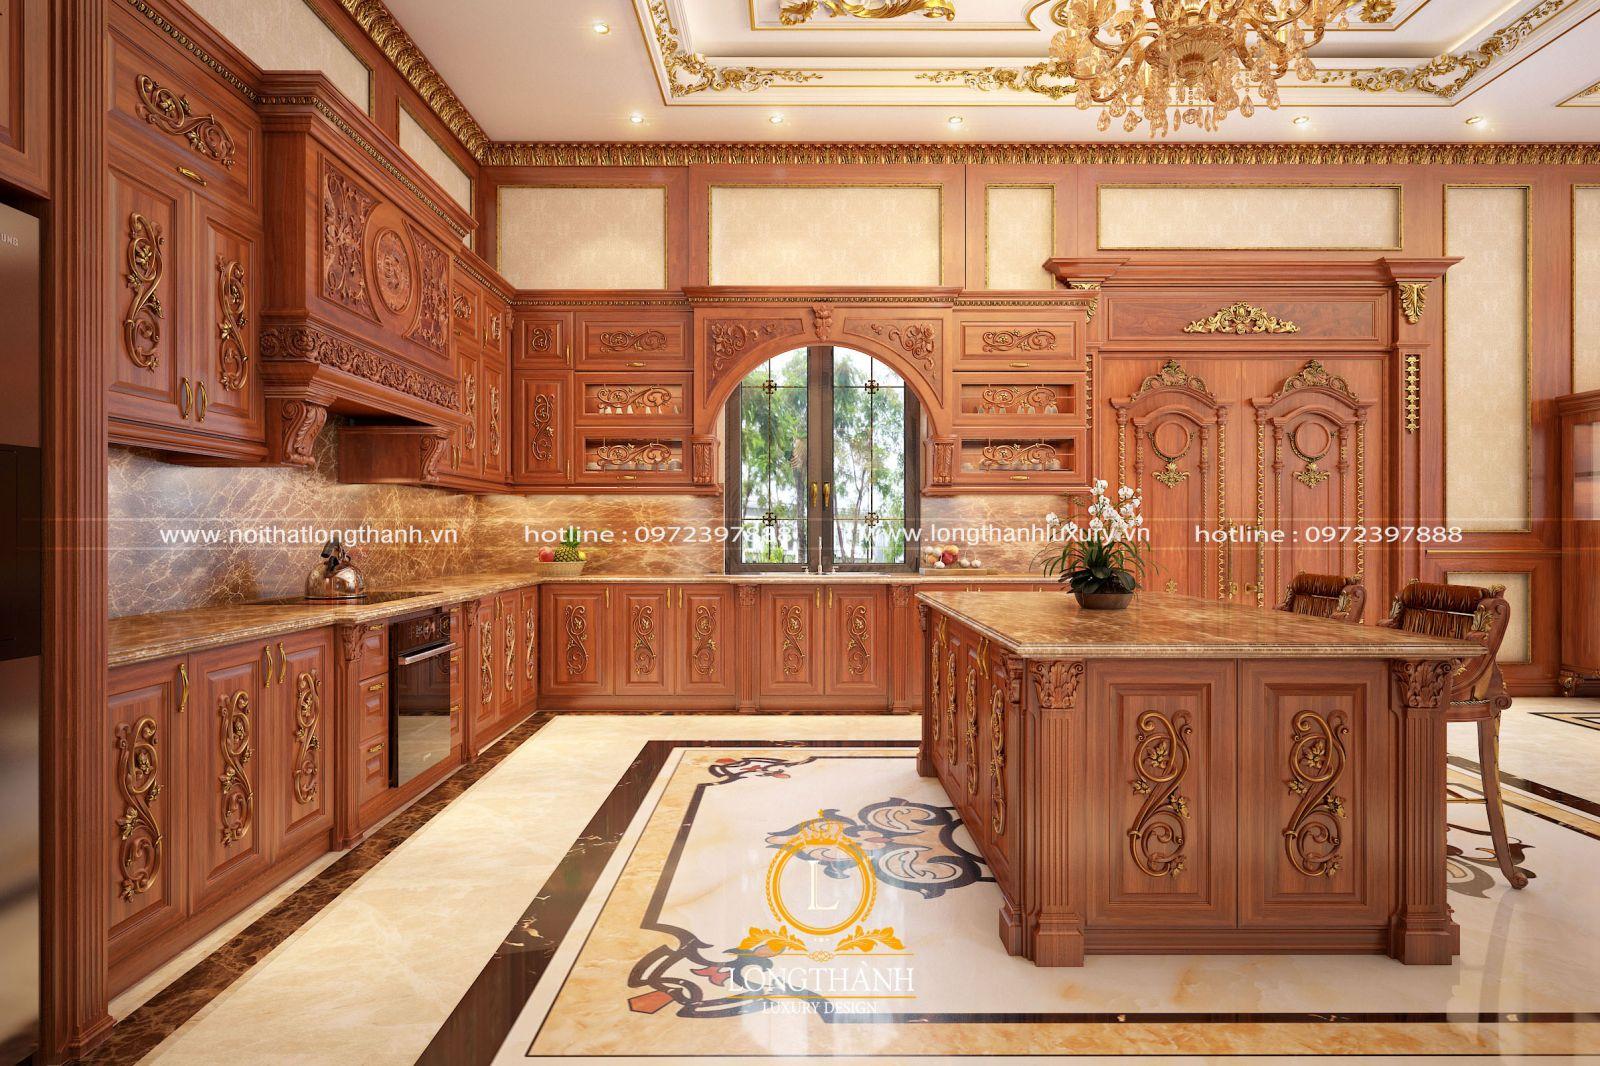 Thiết kế phòng bếp nhà biệt thự rộng theo phong cách tân cổ điển sang trọng